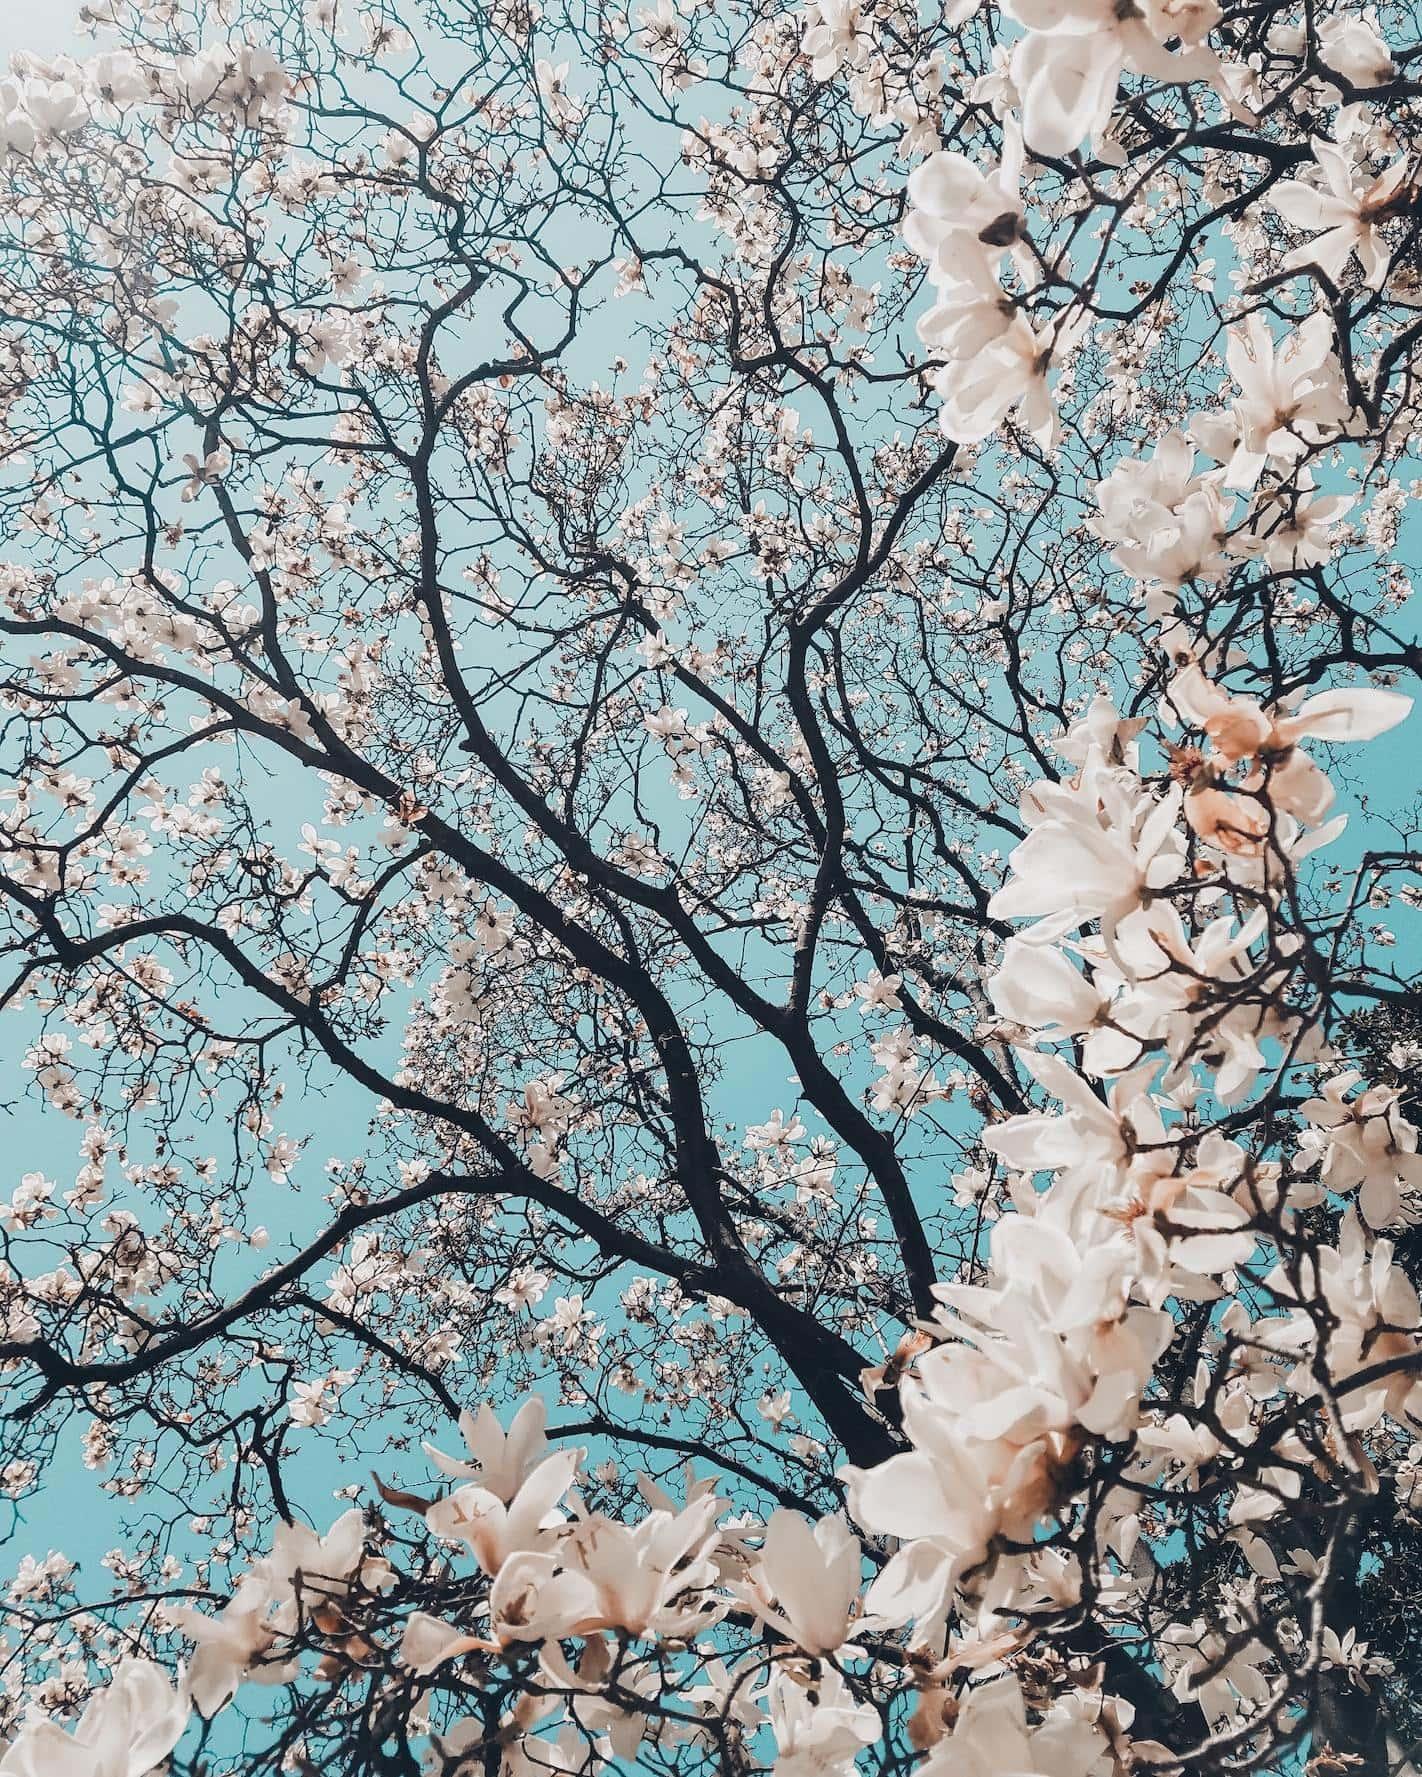 Ramas de árboles en flor